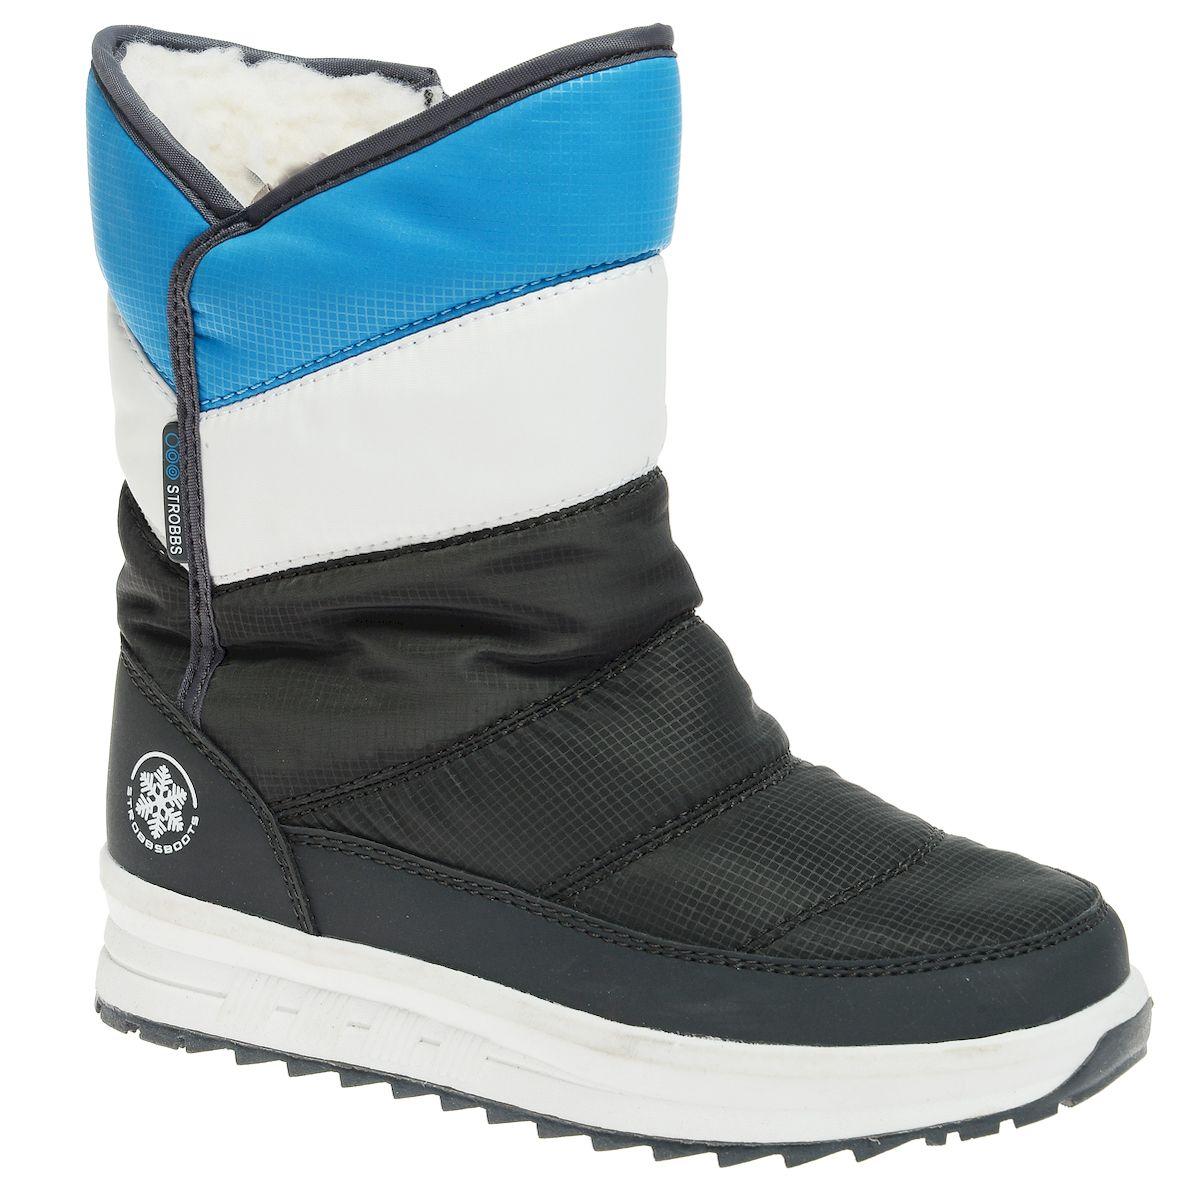 N1843-1Удобные детские дутики Strobbs - отличный вариант для повседневной носки. Модель выполнена из полиэстера с пропиткой и синтетической кожи. Сбоку дутики дополнены застежкой-молнией, благодаря чему их удобно надевать и снимать. Подкладка из искусственной шерсти не даст ногам замерзнуть. Подошва обеспечит легкость и естественную свободу движений. Модель маломерит на 1 размер